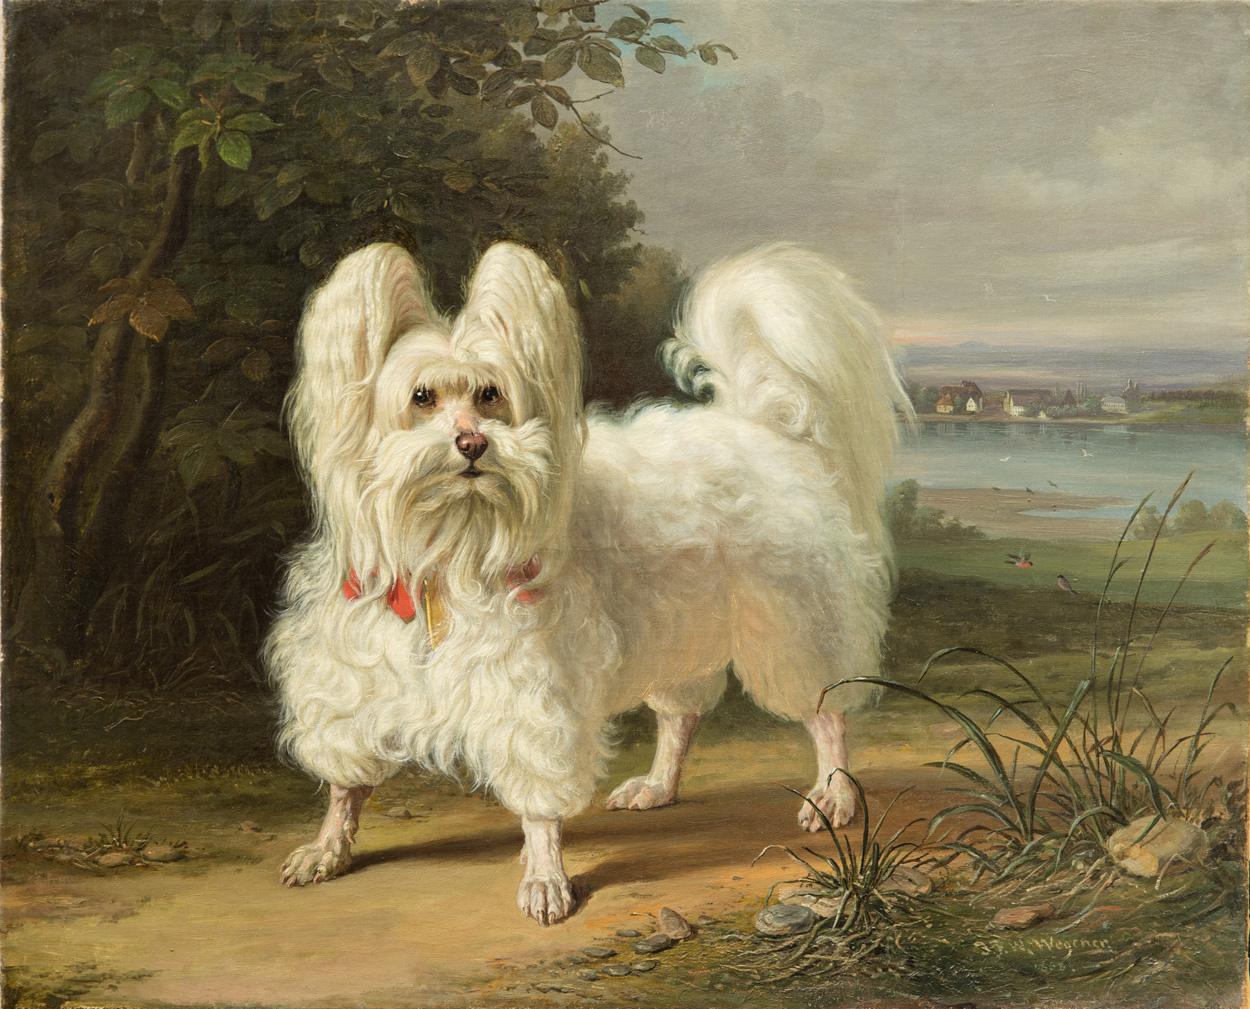 Johann Friedrich Wilhelm Wegener, Hund in Landschaft